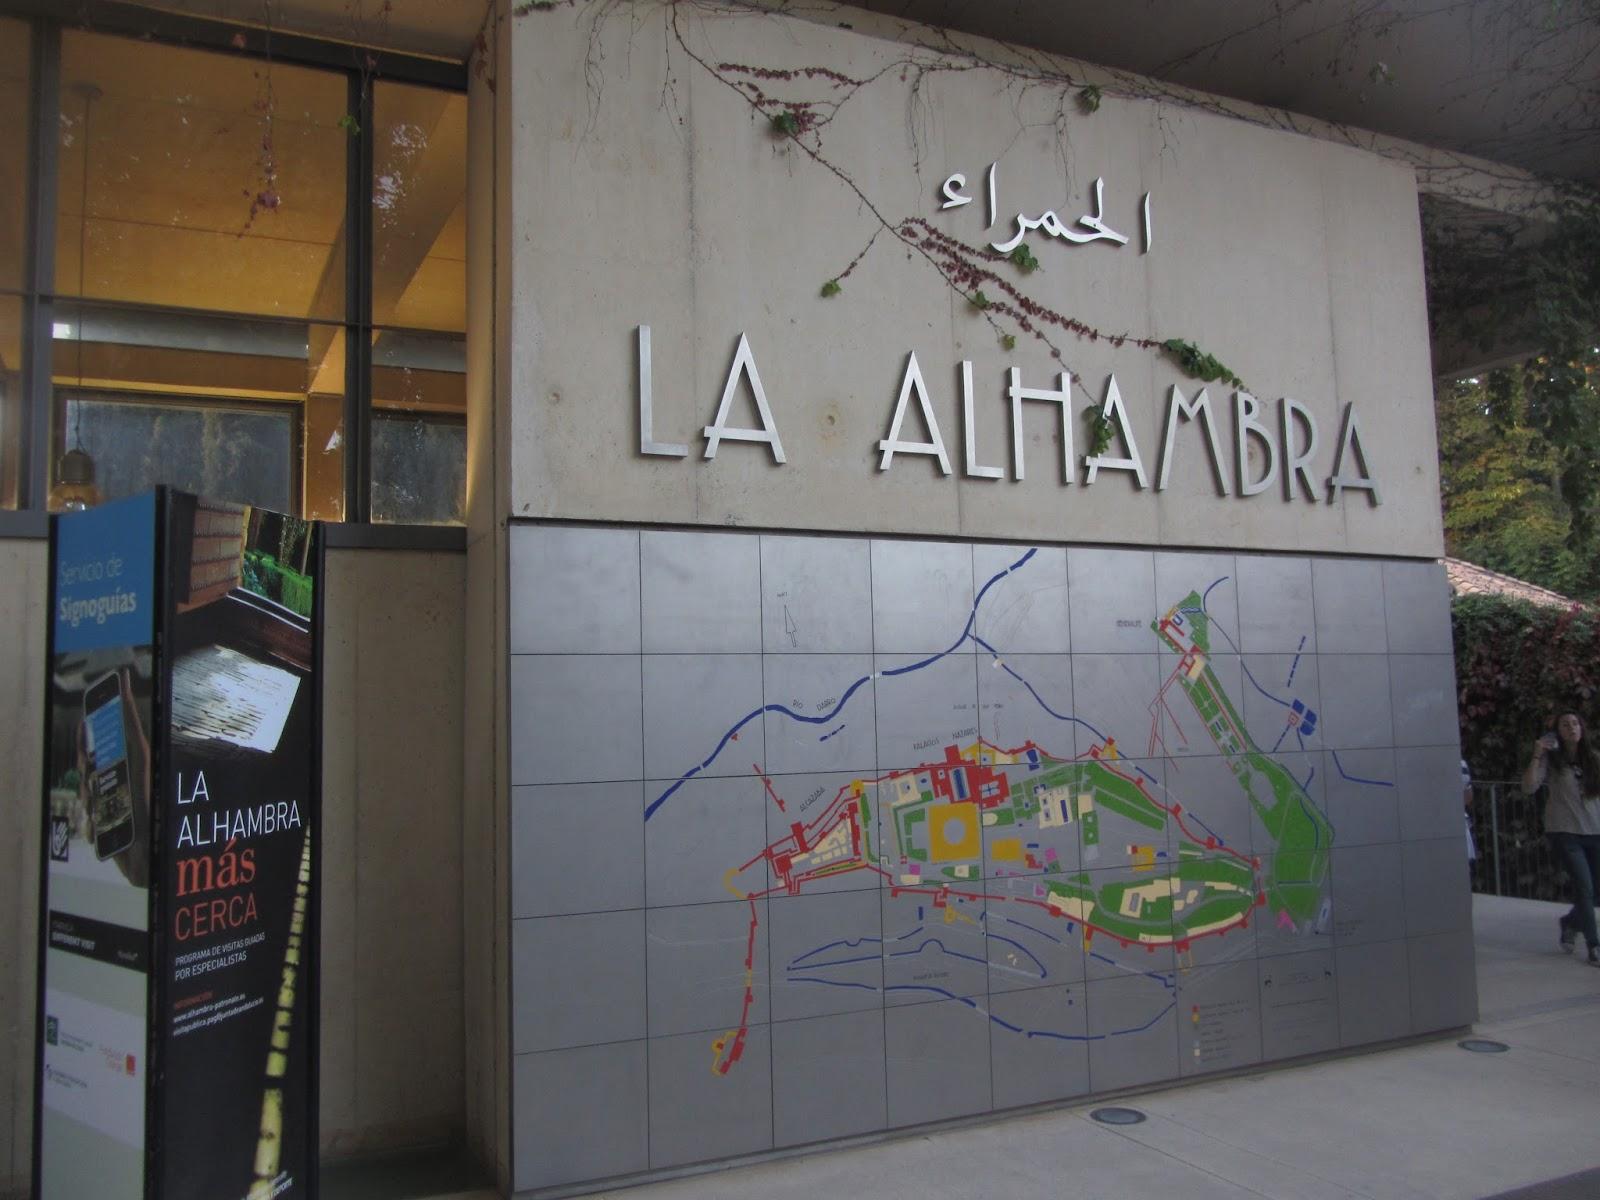 Puerta de entrada a La Alhambra